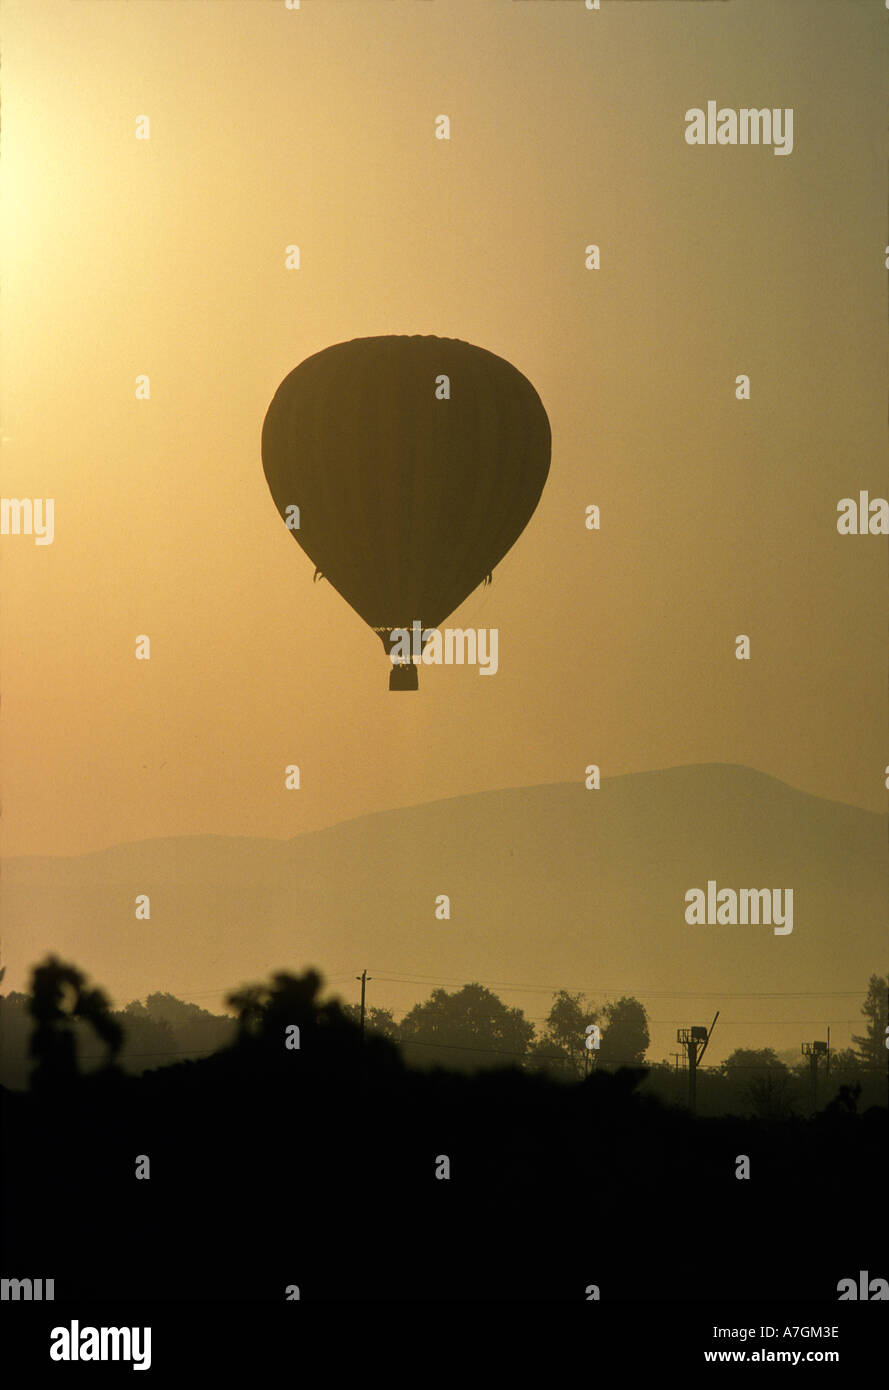 Hot air balloon lifting over Napa valley at sunrise. Stock Photo